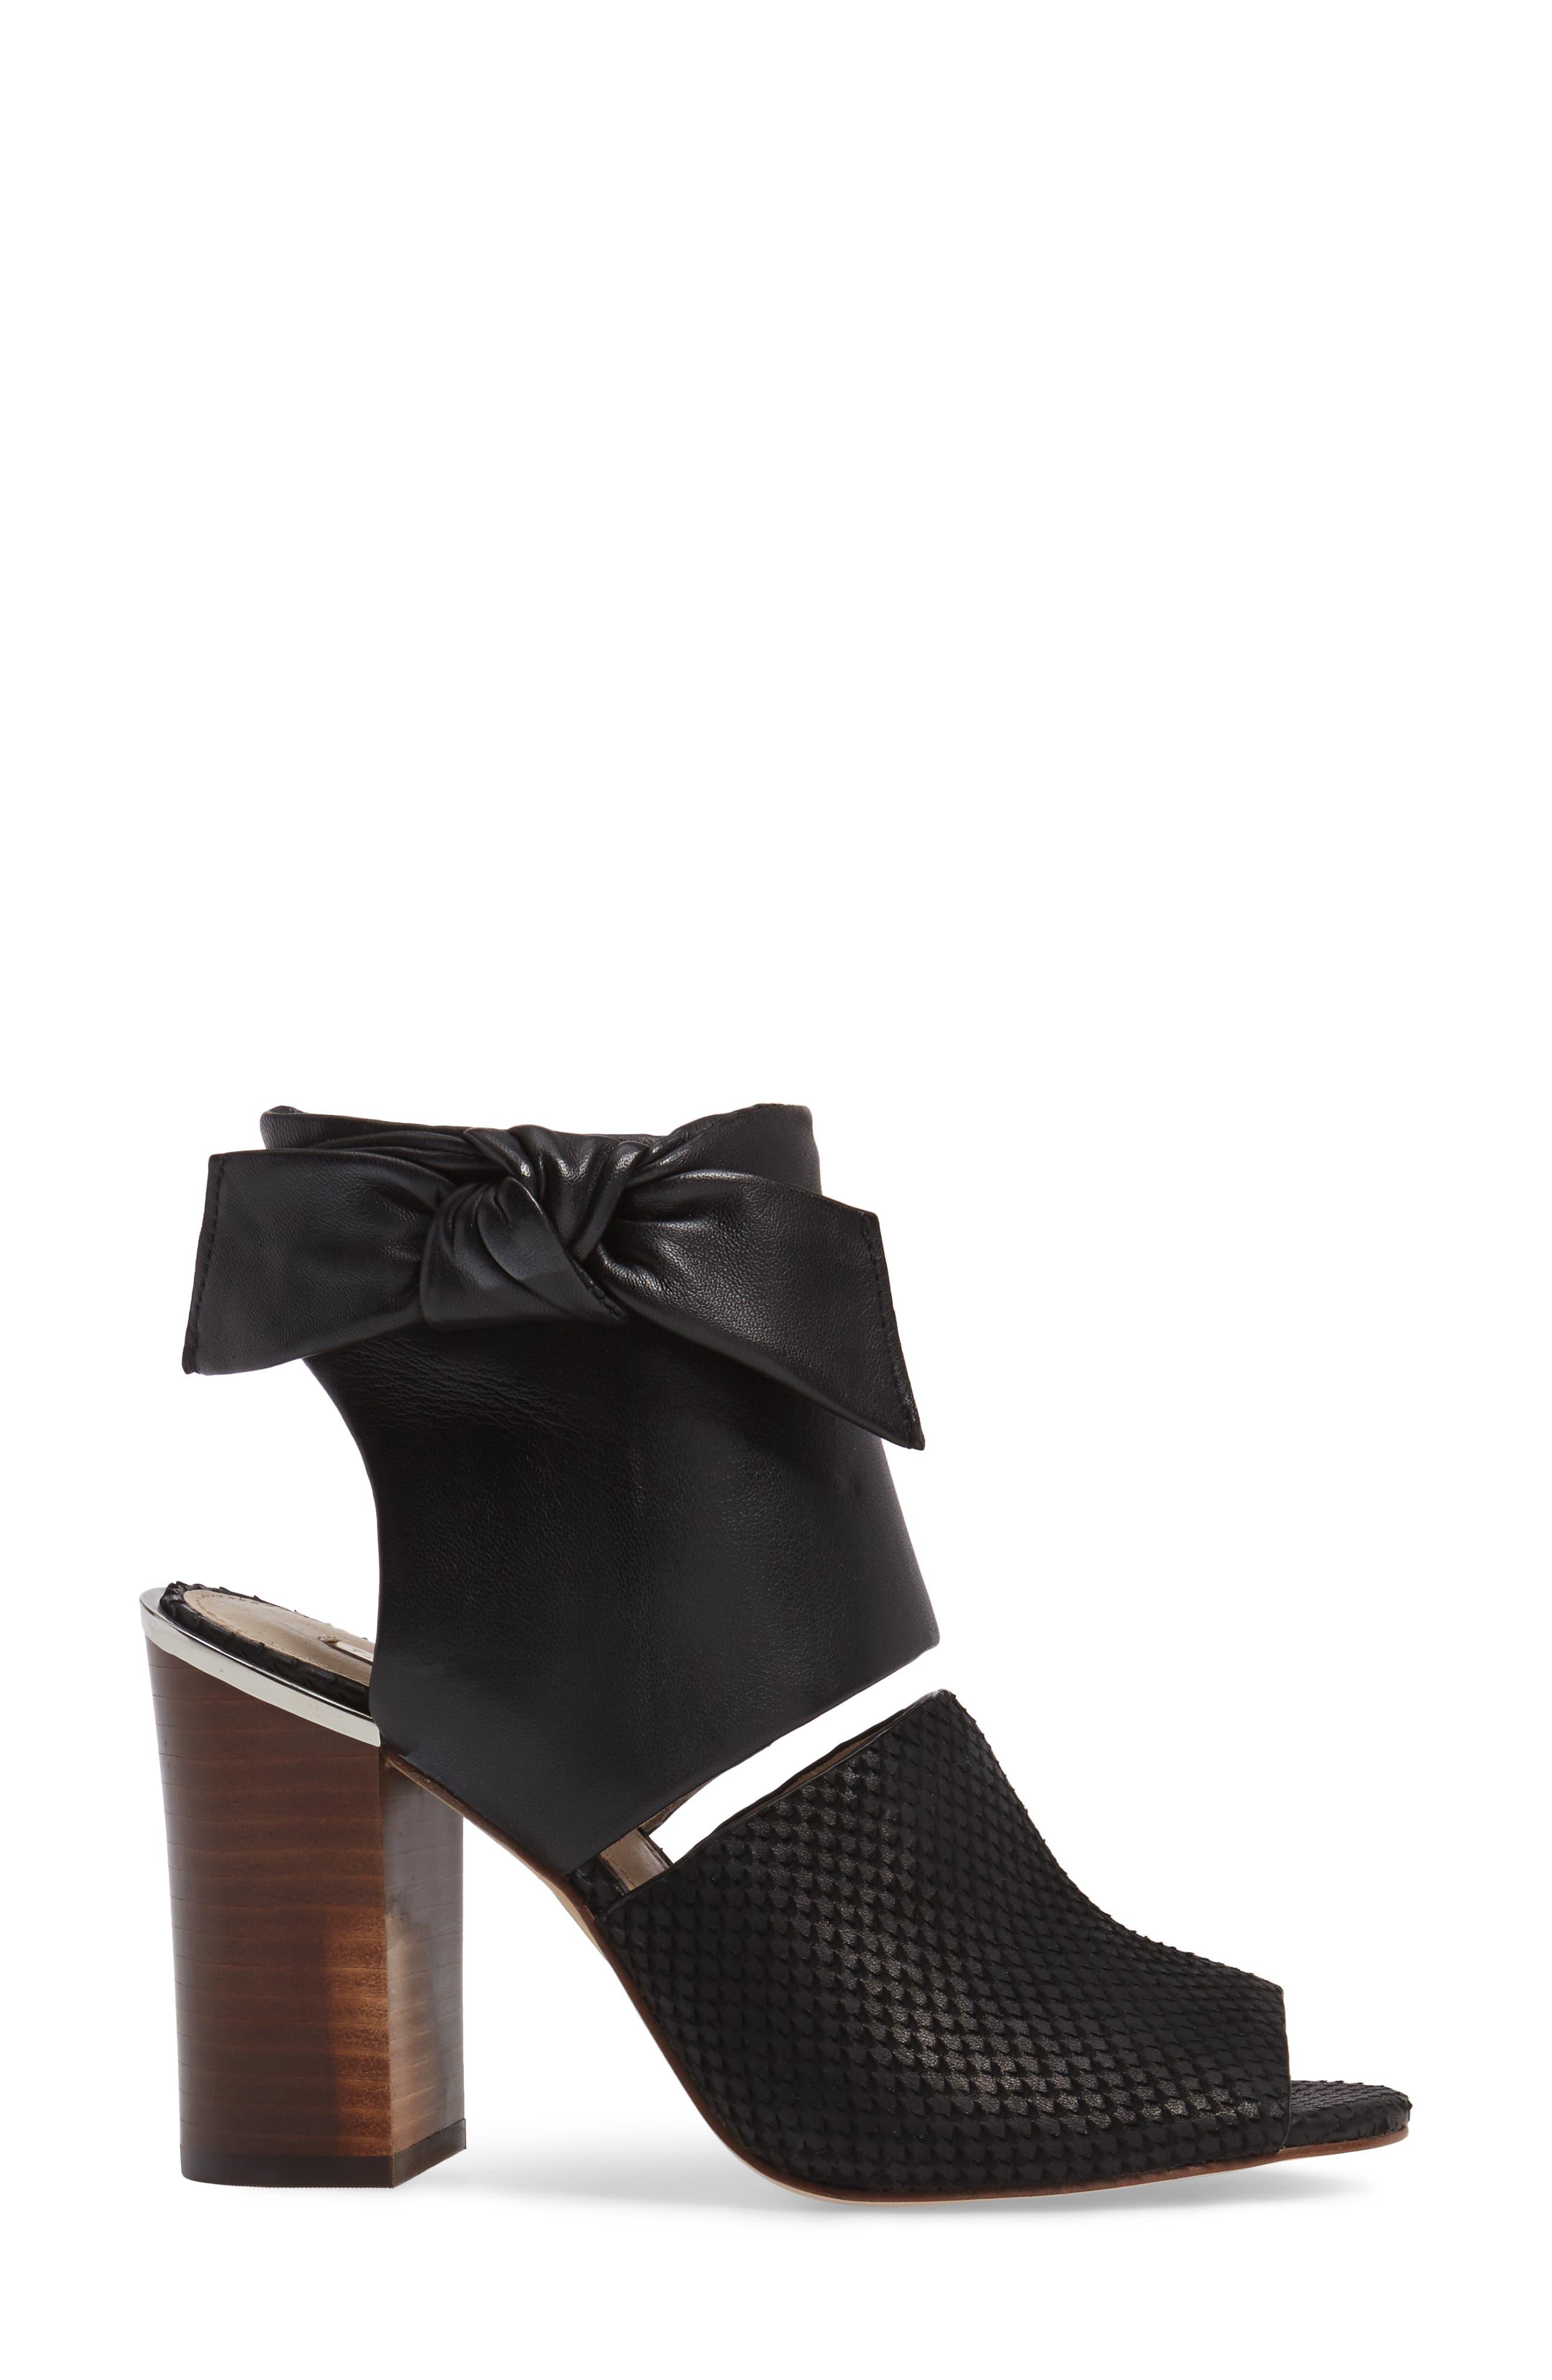 Louise et Cit Katlin Block Heel Sandal,                             Alternate thumbnail 3, color,                             001